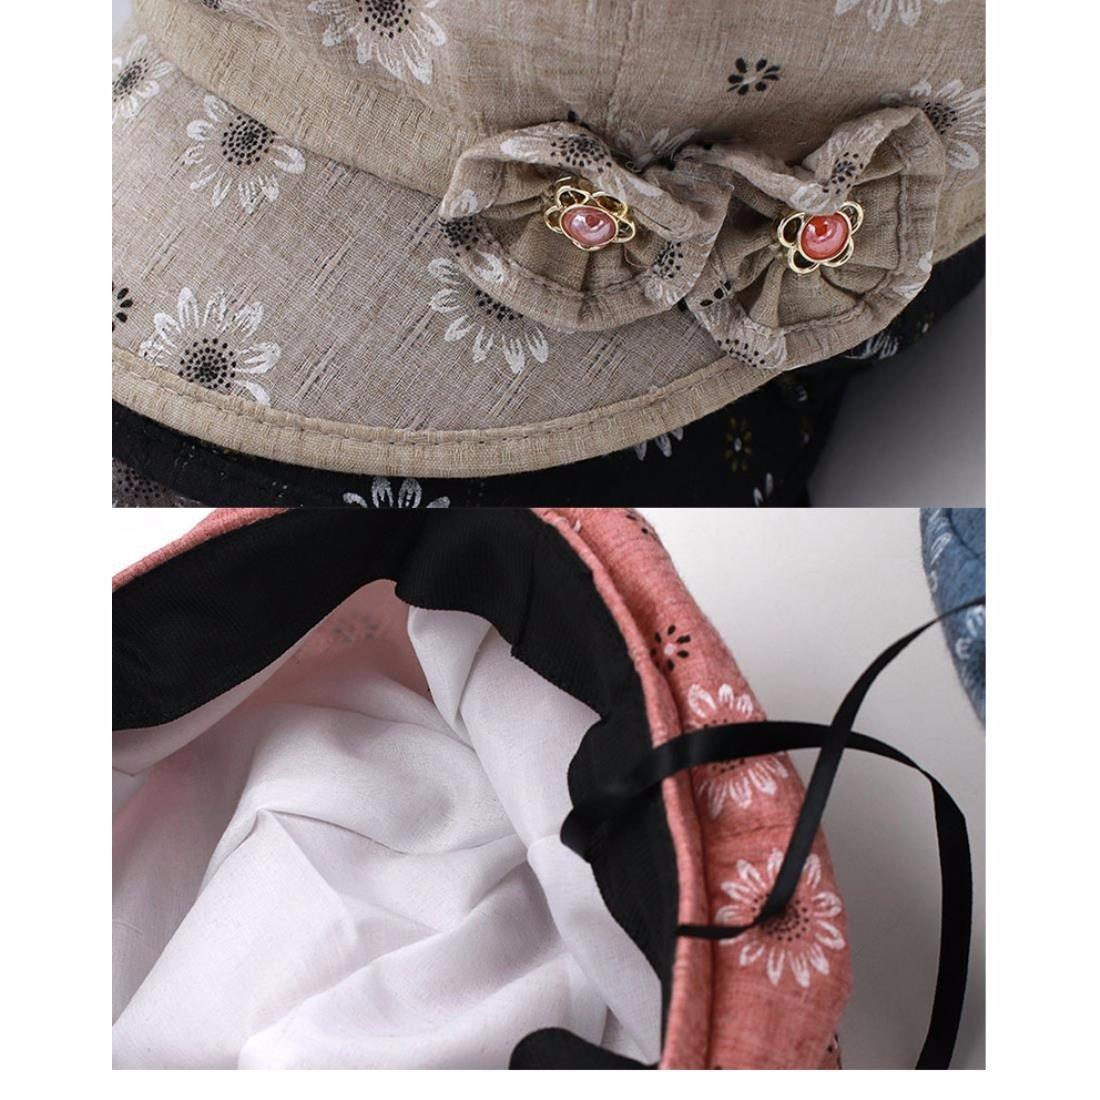 QIER-MZ Boinas Gorras De Tela Para Mujer Gorras Sombreros Finos Sunhats Cap  Respirables Cap Primavera Verano Floral Negro  Amazon.es  Deportes y aire  libre 285ad4f5f7e7